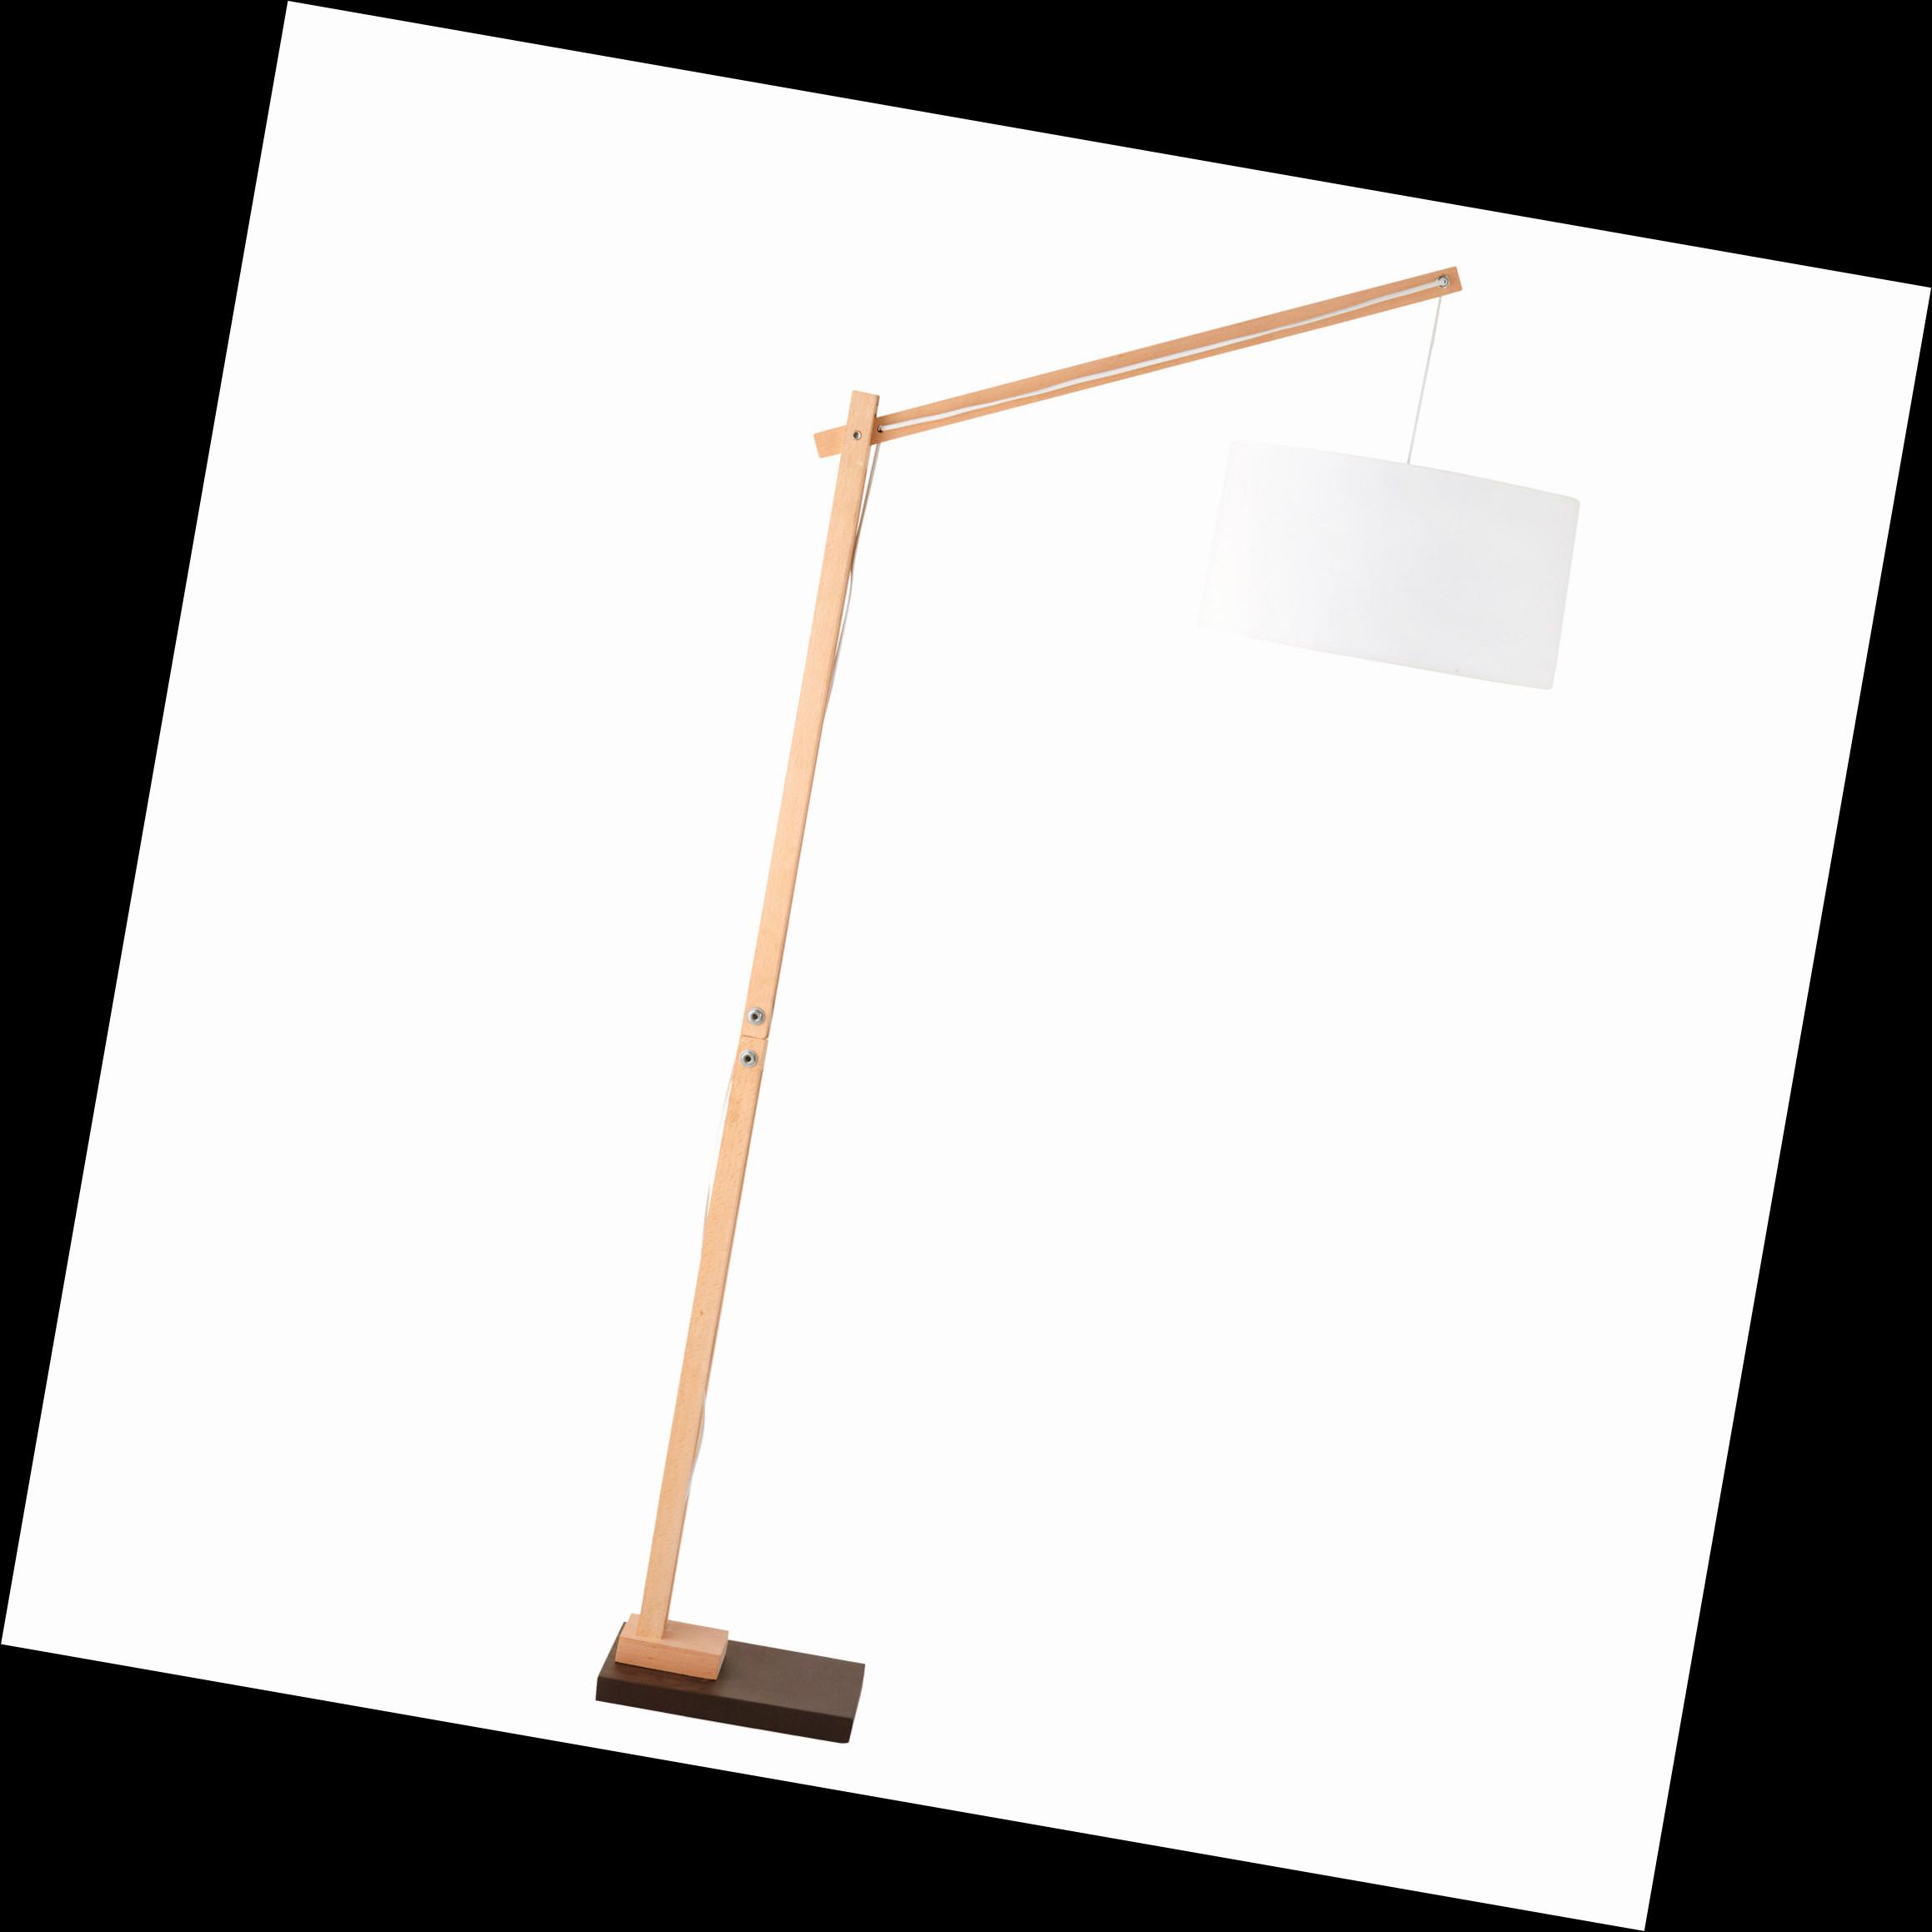 Canapé Ancien Louis Philippe Impressionnant Image Lampe Liseuse Sur Piedml 2018